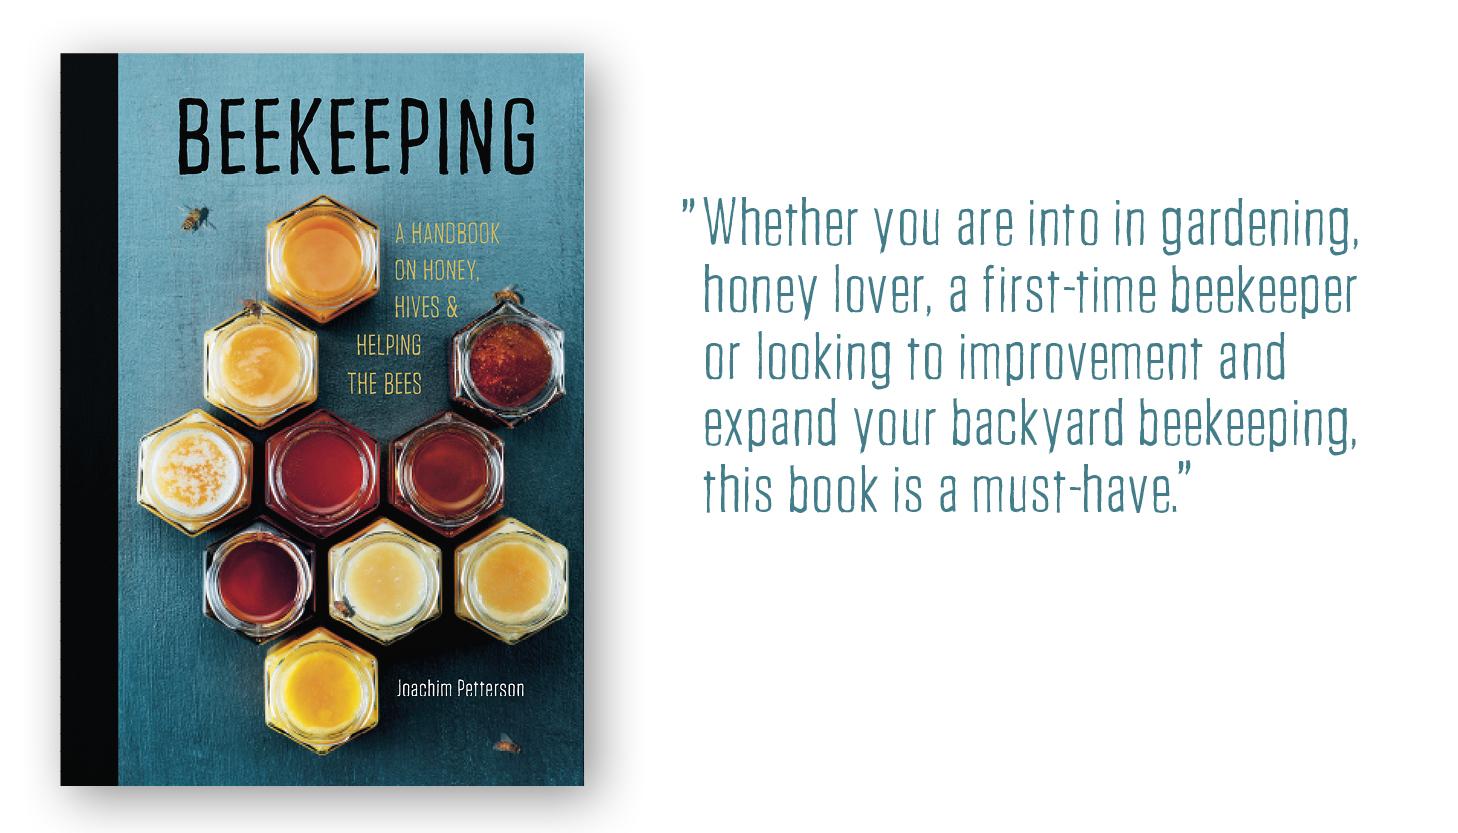 beekeeping_700x400